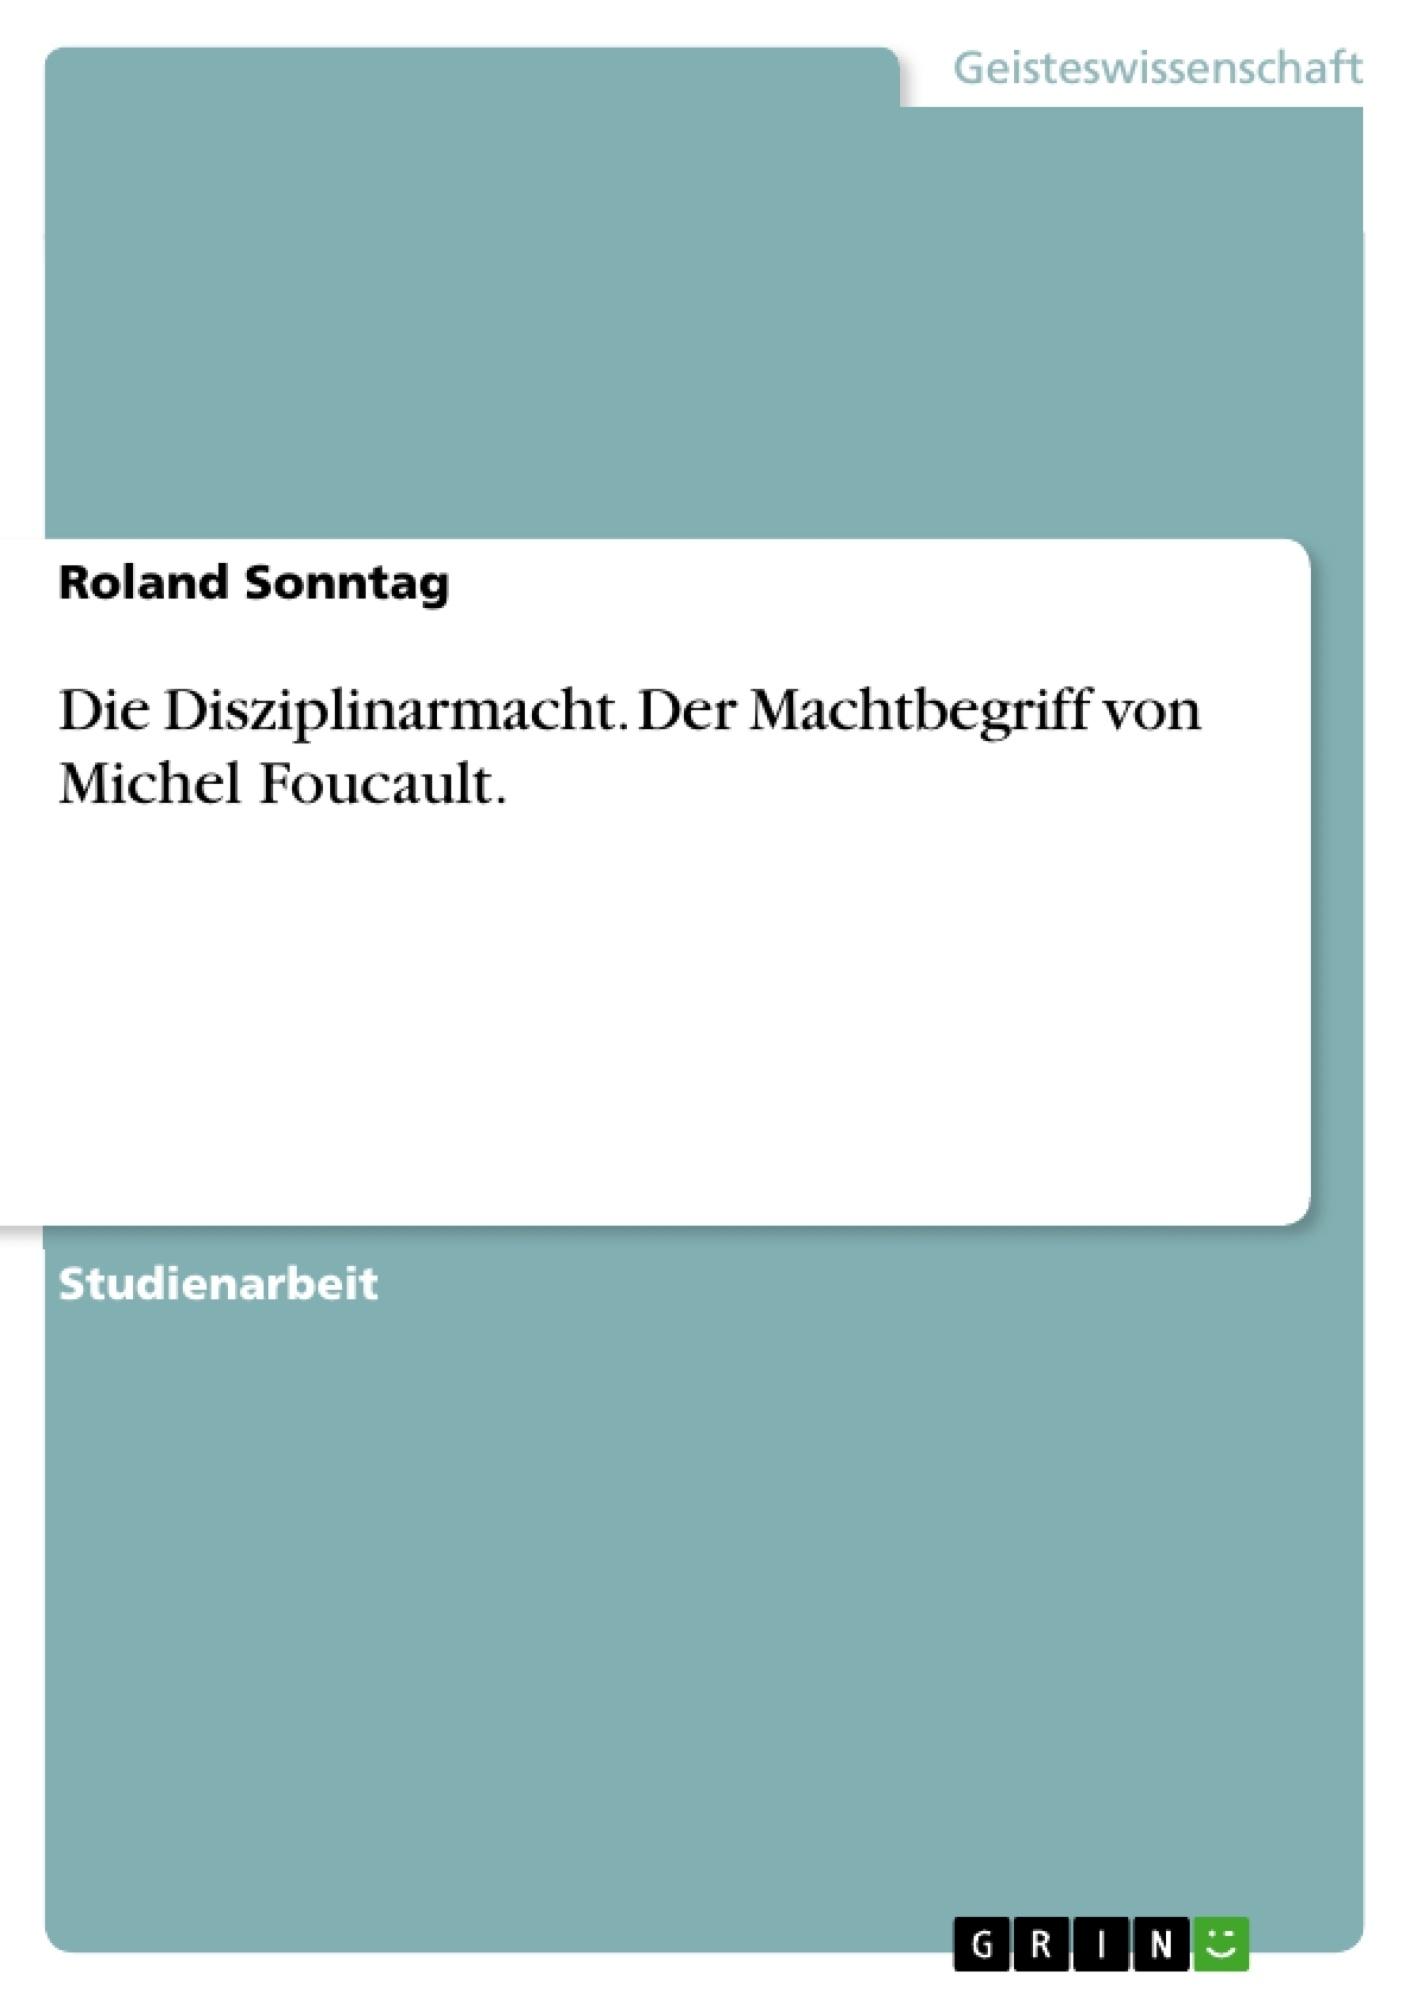 Titel: Die Disziplinarmacht. Der Machtbegriff von Michel Foucault.